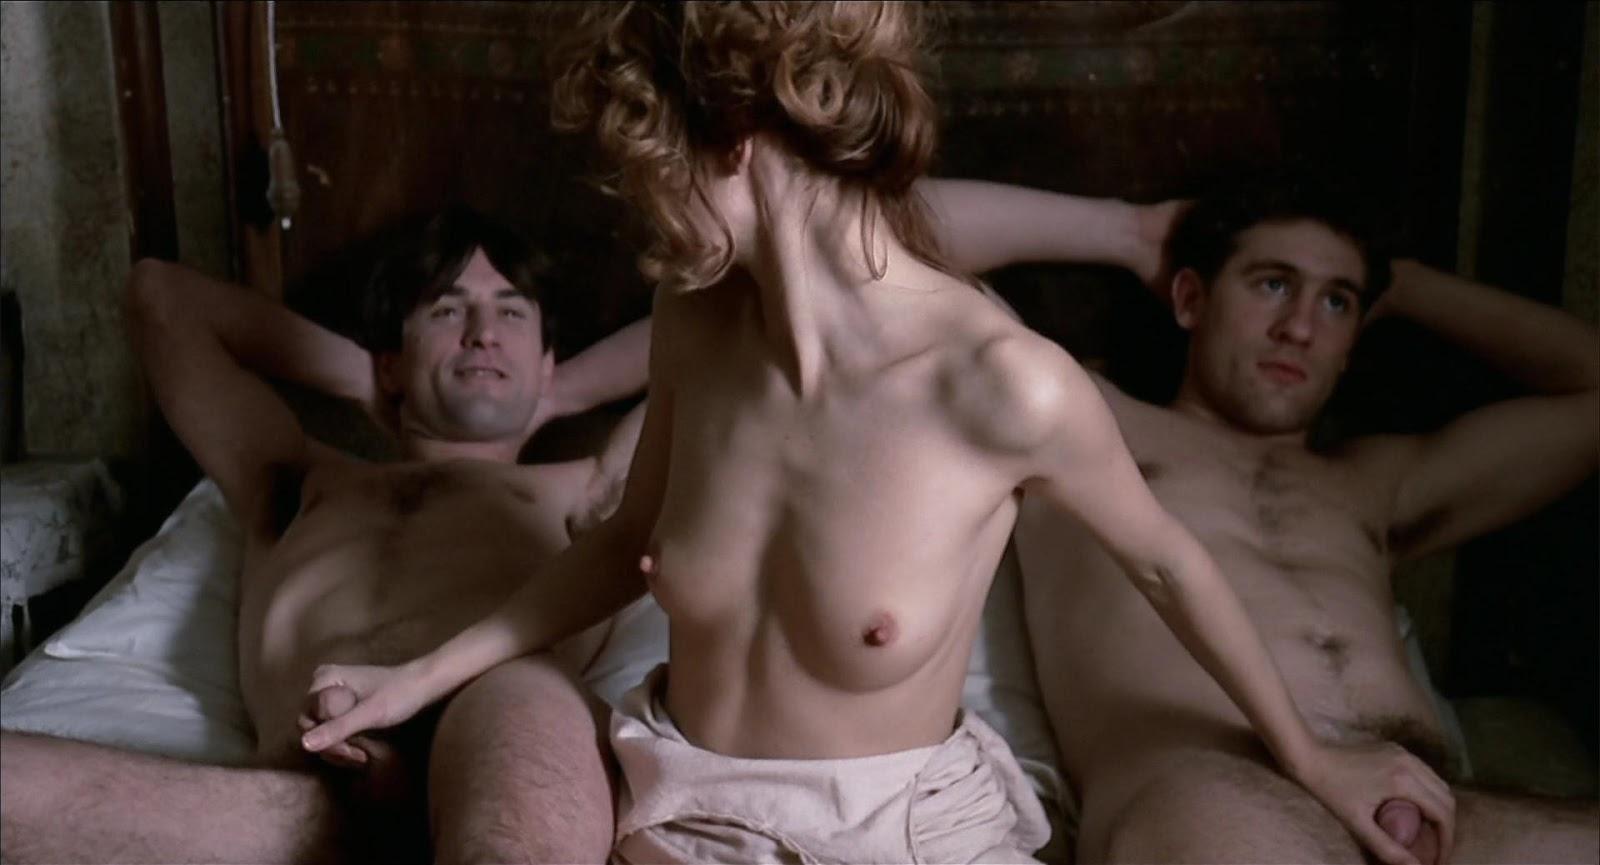 realniy-seks-v-hudozhestvennih-filmah